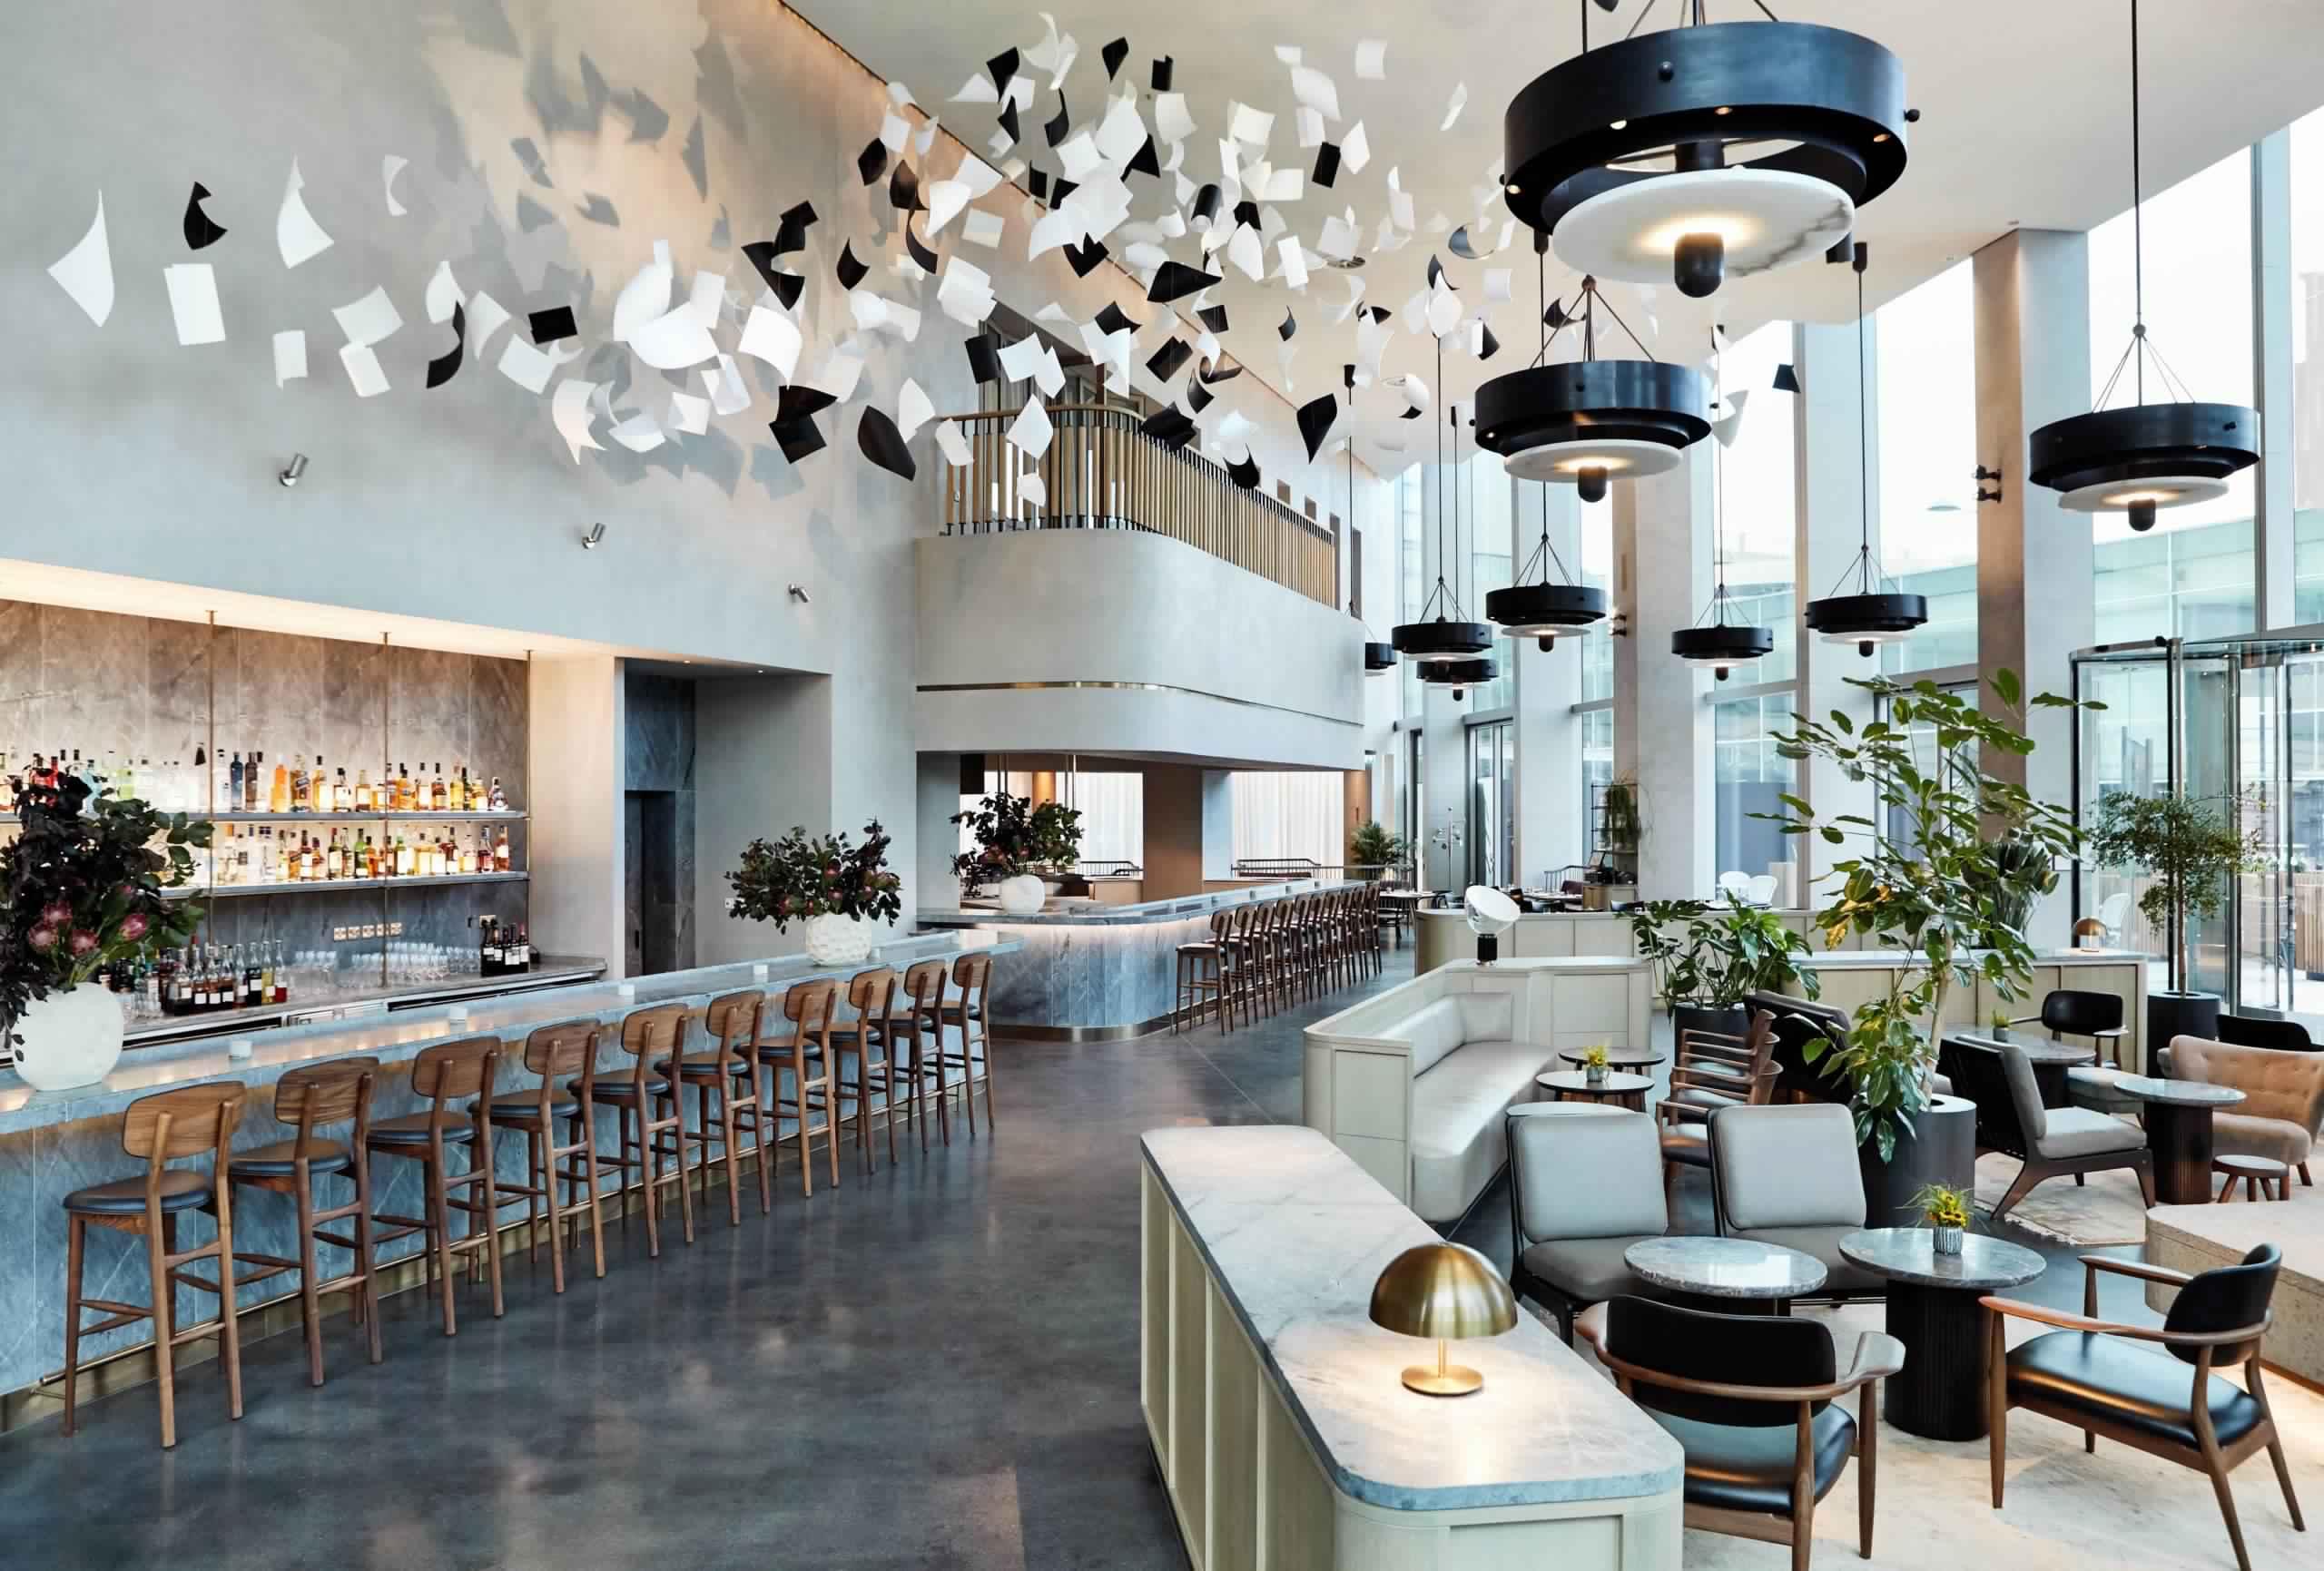 The Stratford Lobby & Brasserie